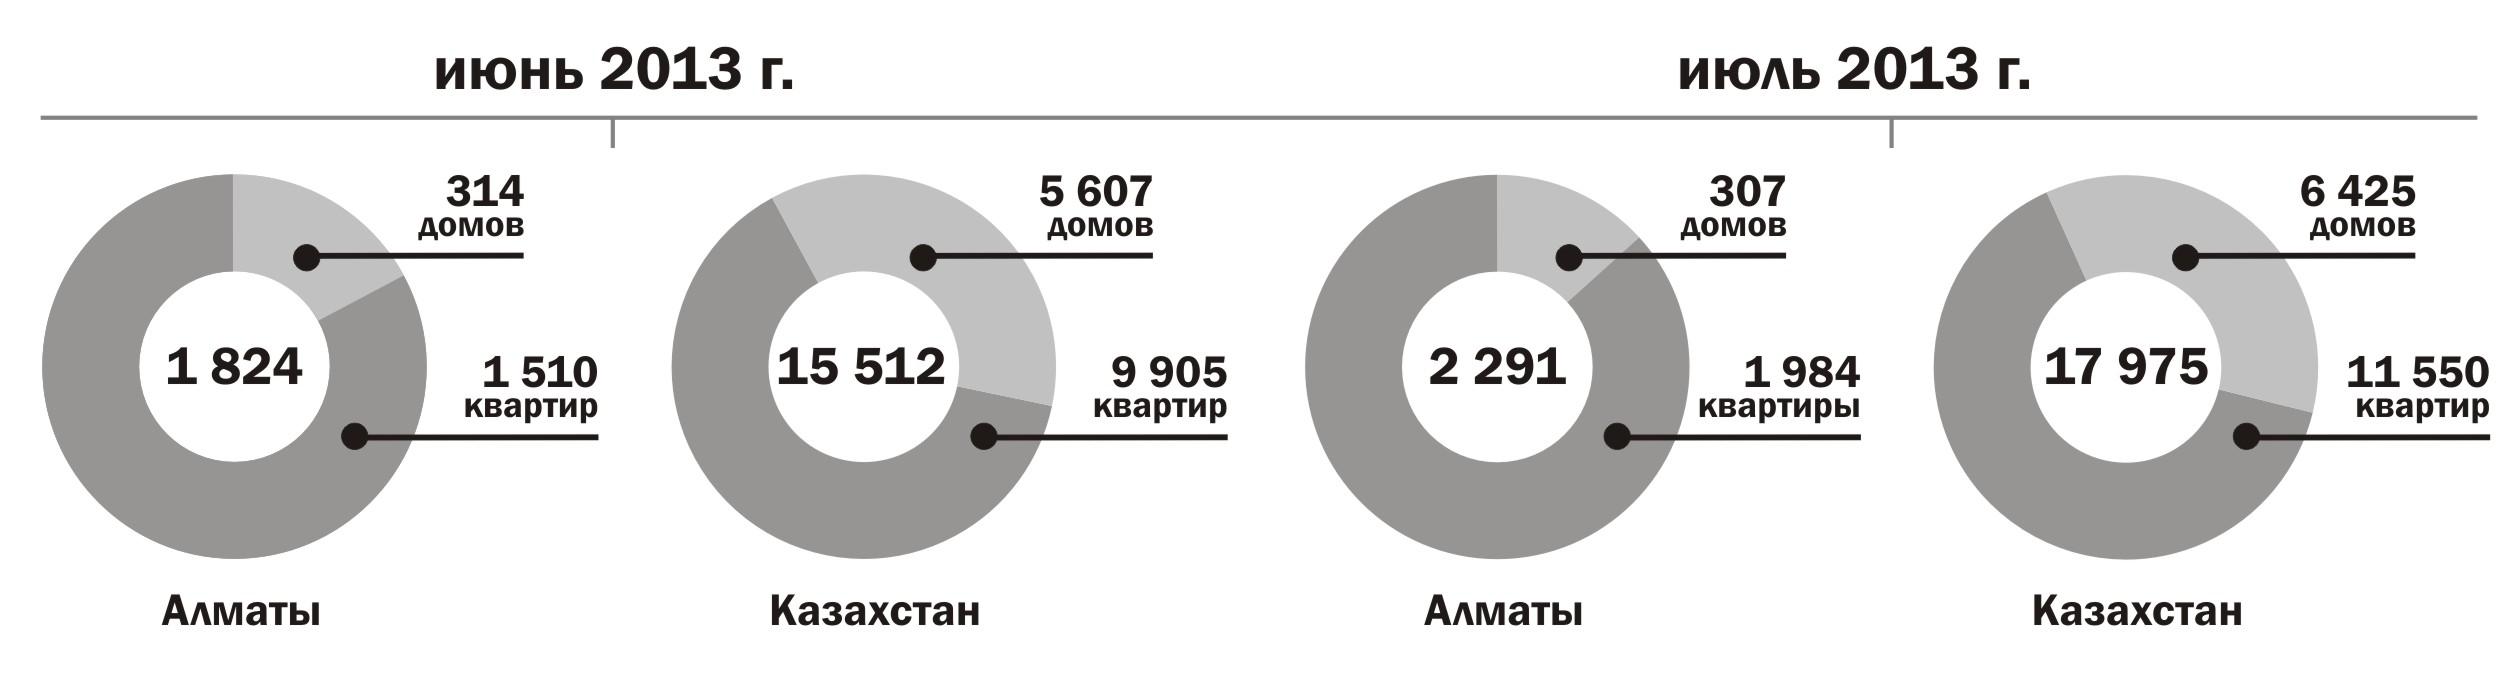 Статьи: Цены и сделки на рынке жилья: официальная статистика июля